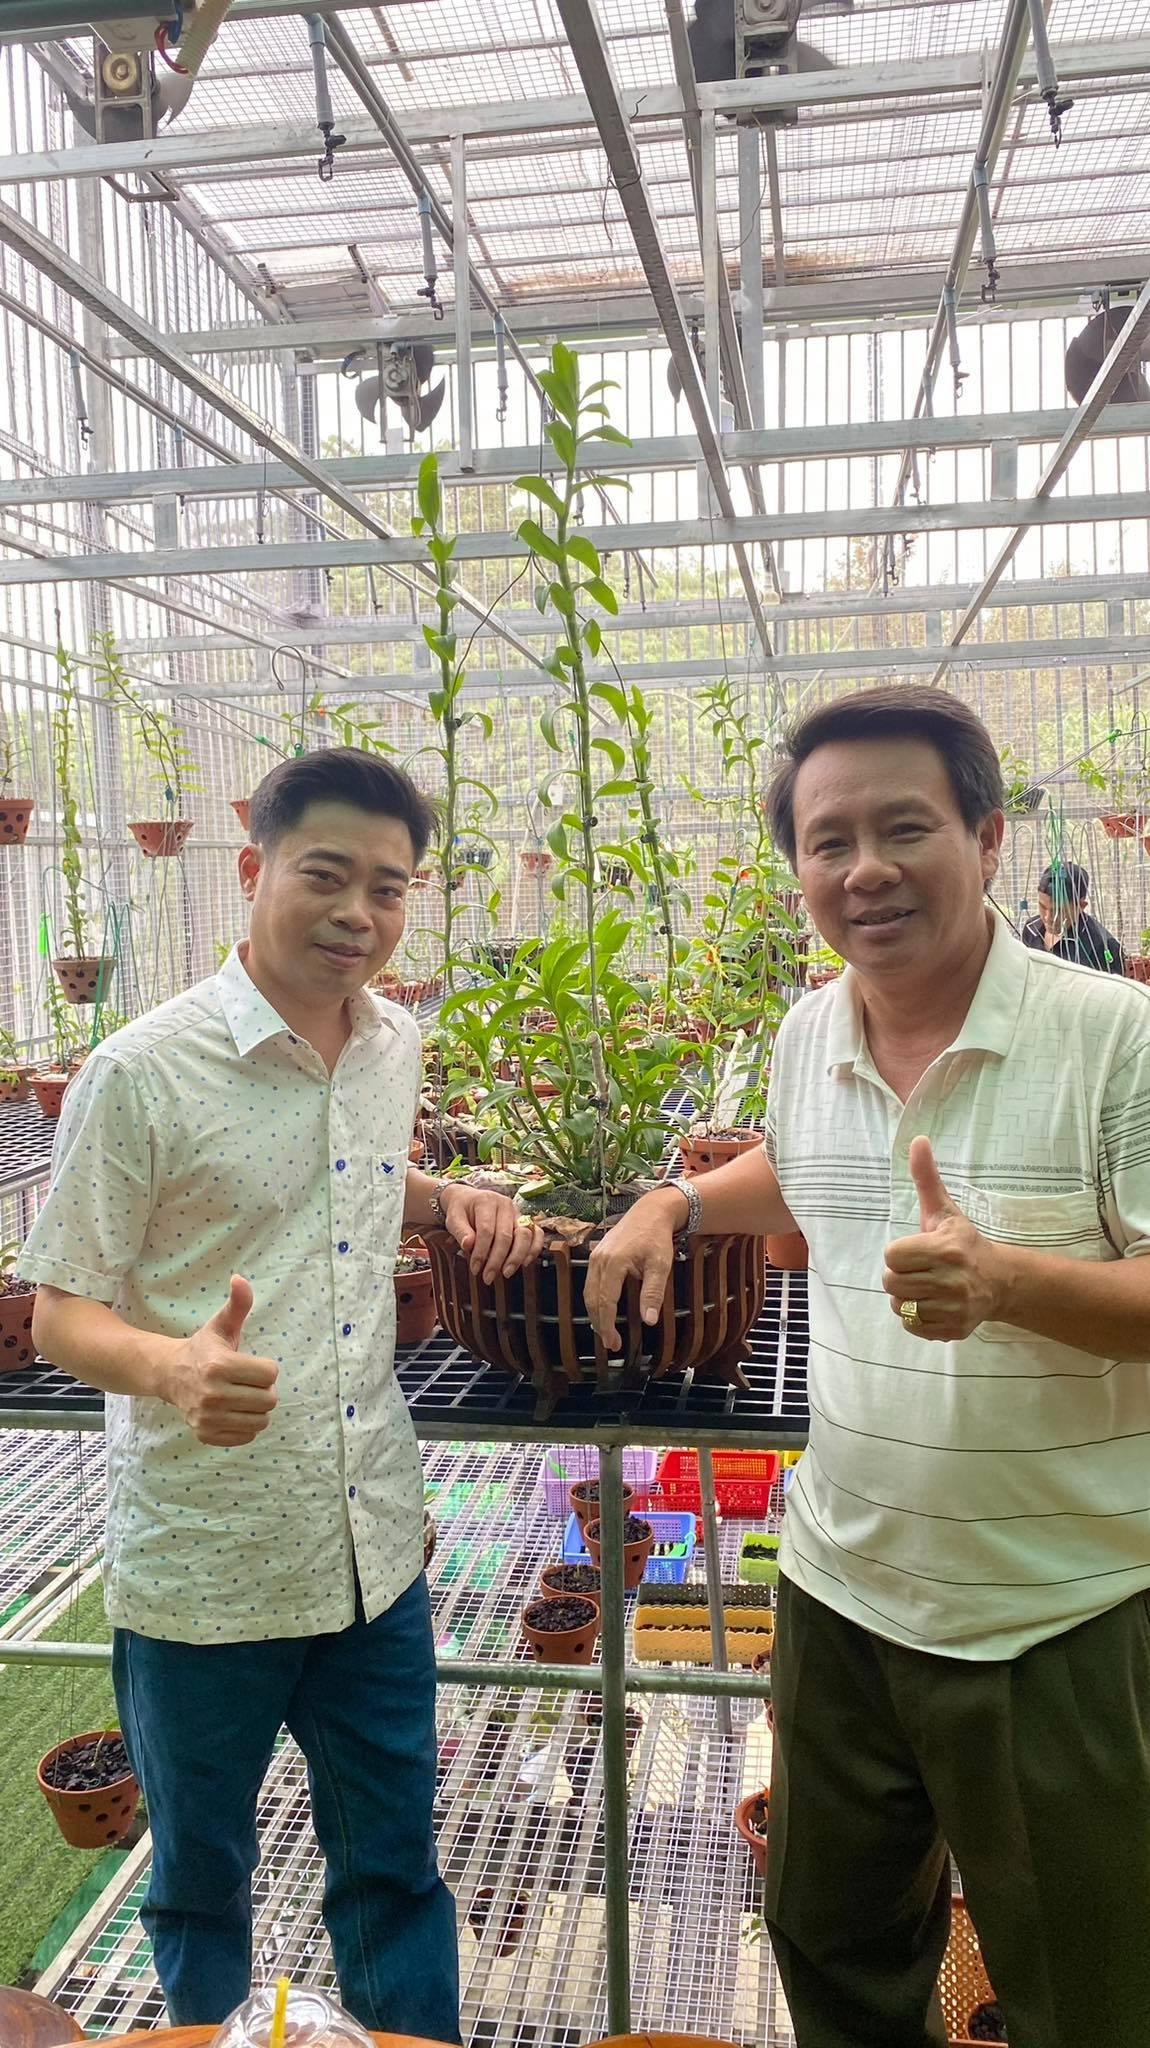 Ông chủ vườn lan 8X Nguyễn Hữu Tân và mơ ước về một vườn lan trăm loài - Ảnh 6